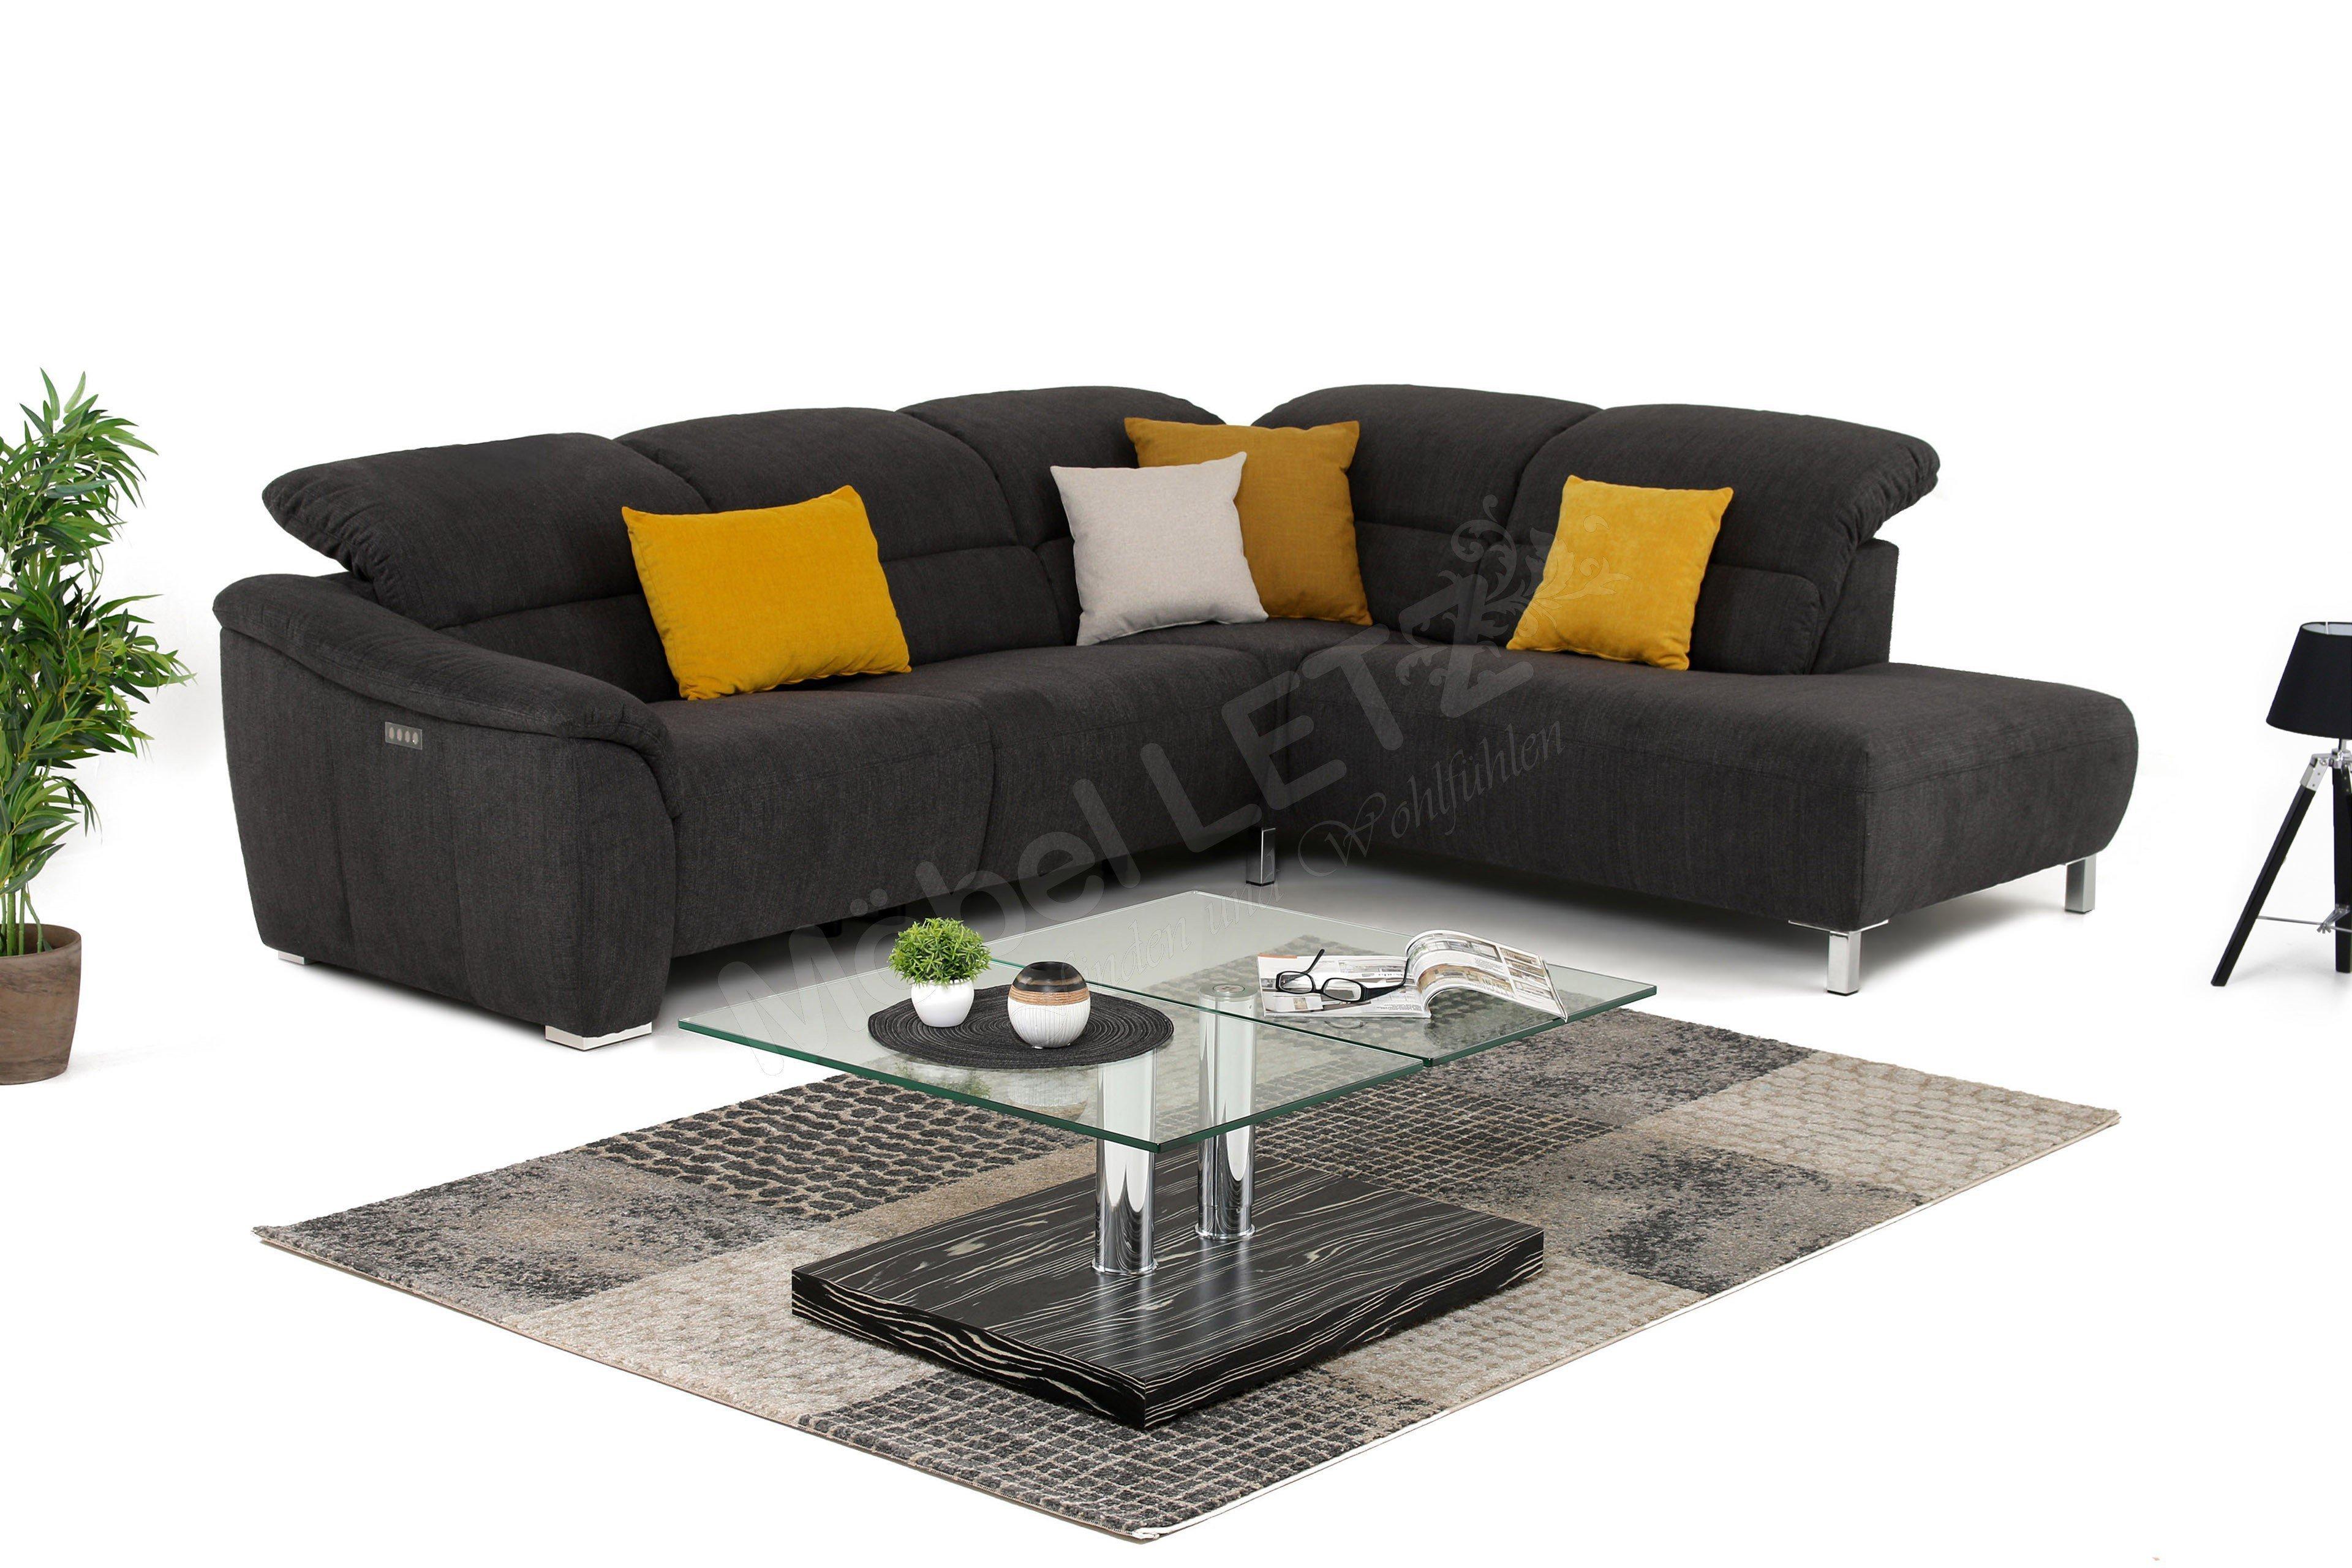 carina polsterm bel java eckgarnitur in dunkelgrau m bel. Black Bedroom Furniture Sets. Home Design Ideas